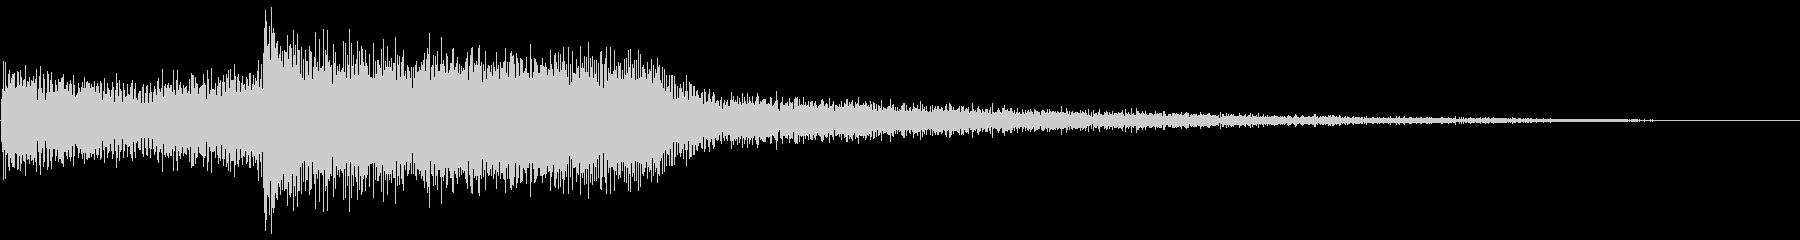 ハイテクドアコンプ2の未再生の波形